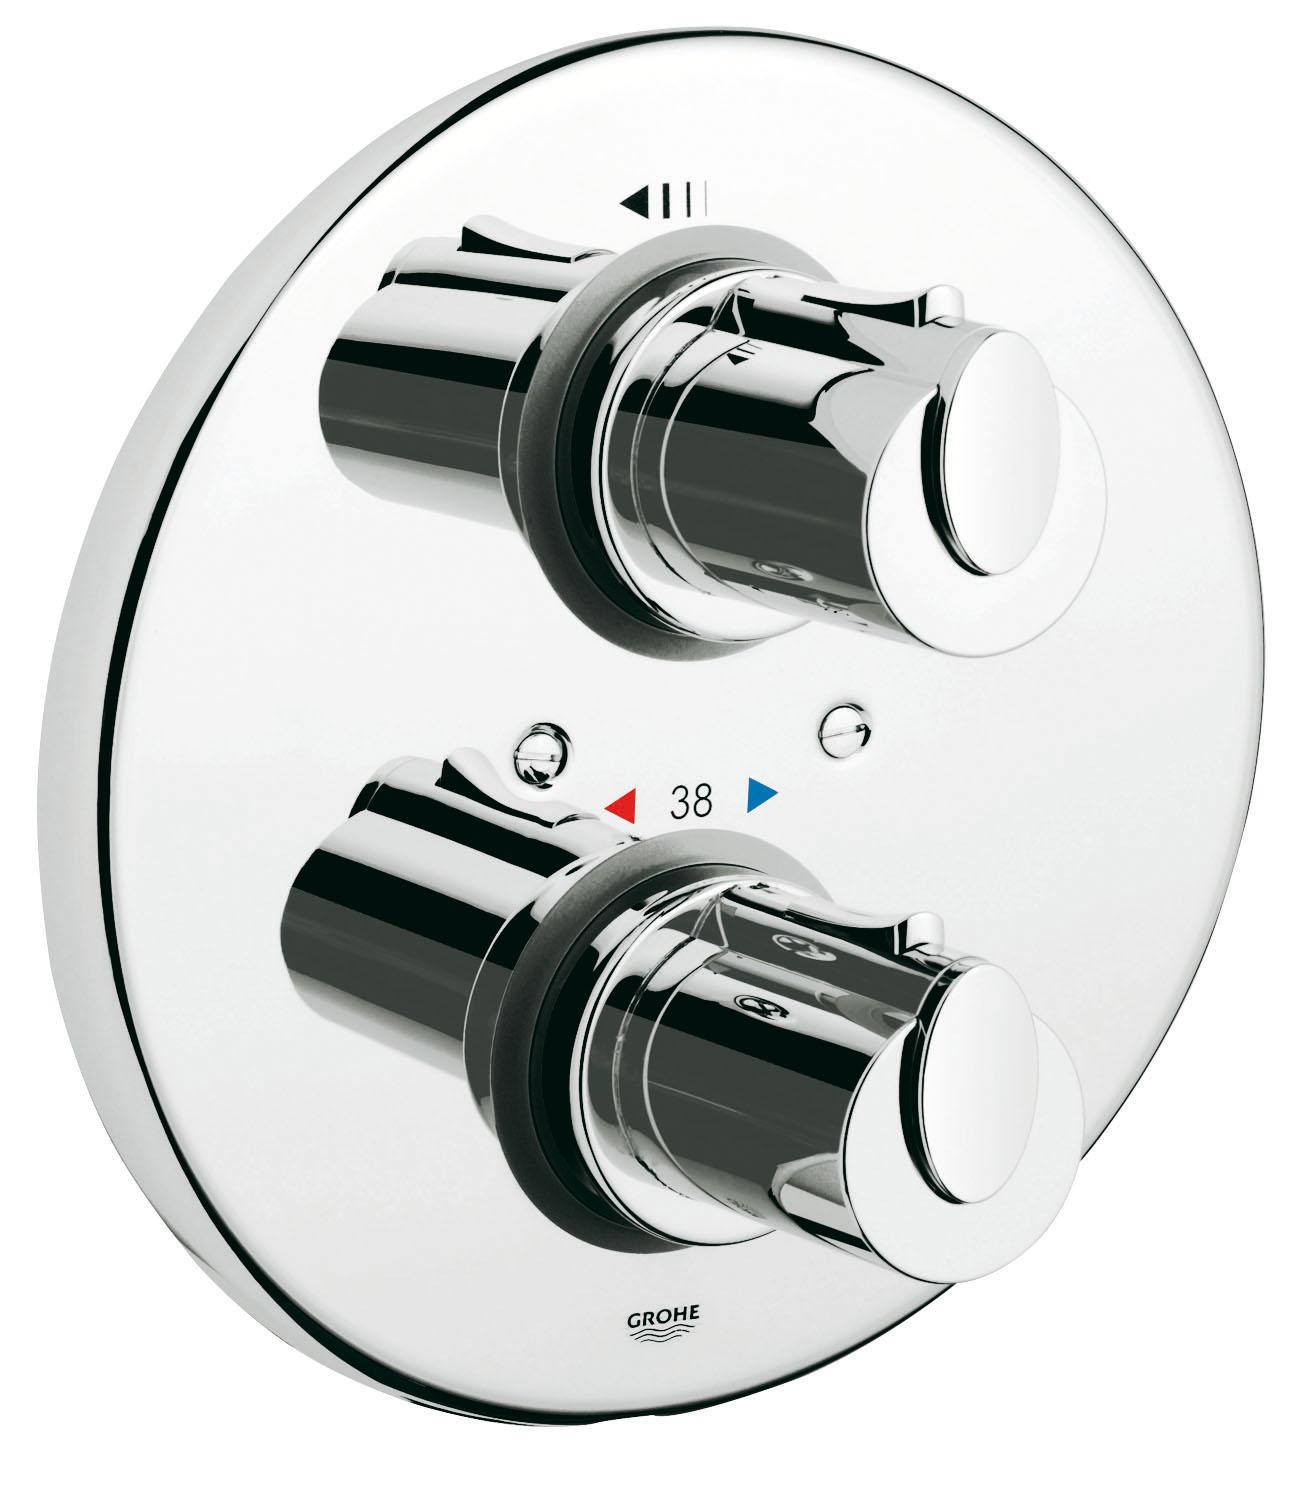 Cмеситель термостатический GroheСмесители<br>Назначение смесителя: для душа,<br>Наличие термостата: есть,<br>Тип управления смесителя: вентильный,<br>Цвет покрытия: хром,<br>Стиль смесителя: модерн,<br>Монтаж смесителя: вертикальный,<br>Тип установки смесителя: скрытая установка,<br>Материал смесителя: латунь,<br>Излив: традиционный,<br>Родина бренда: Германия,<br>Страна происхождения: Германия<br>